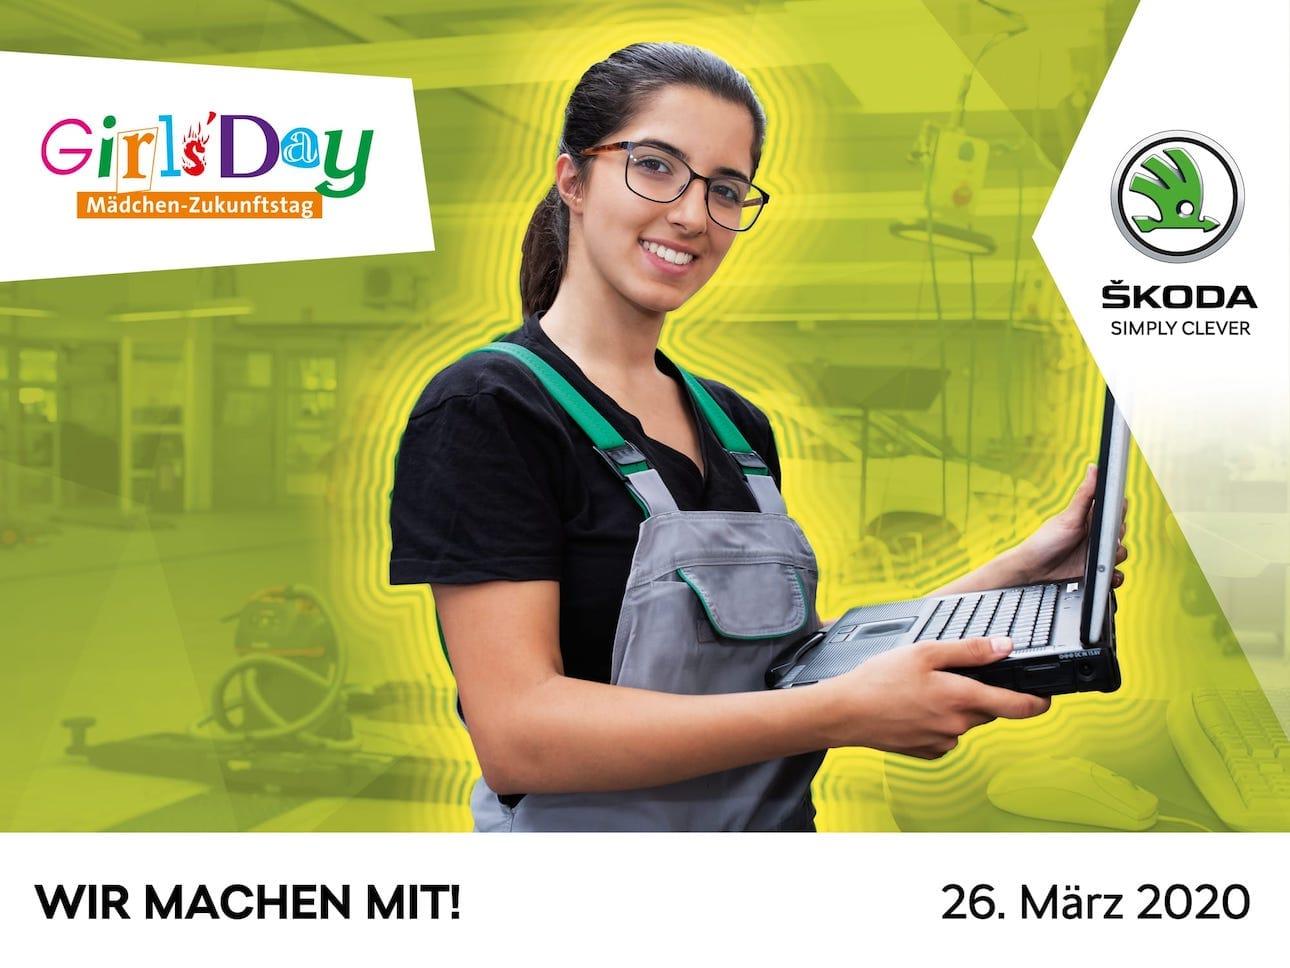 Image for Wir machen mit beim Girls'Day 2020<br>Mädchen – Zukunftstag – am 26. März 2020.